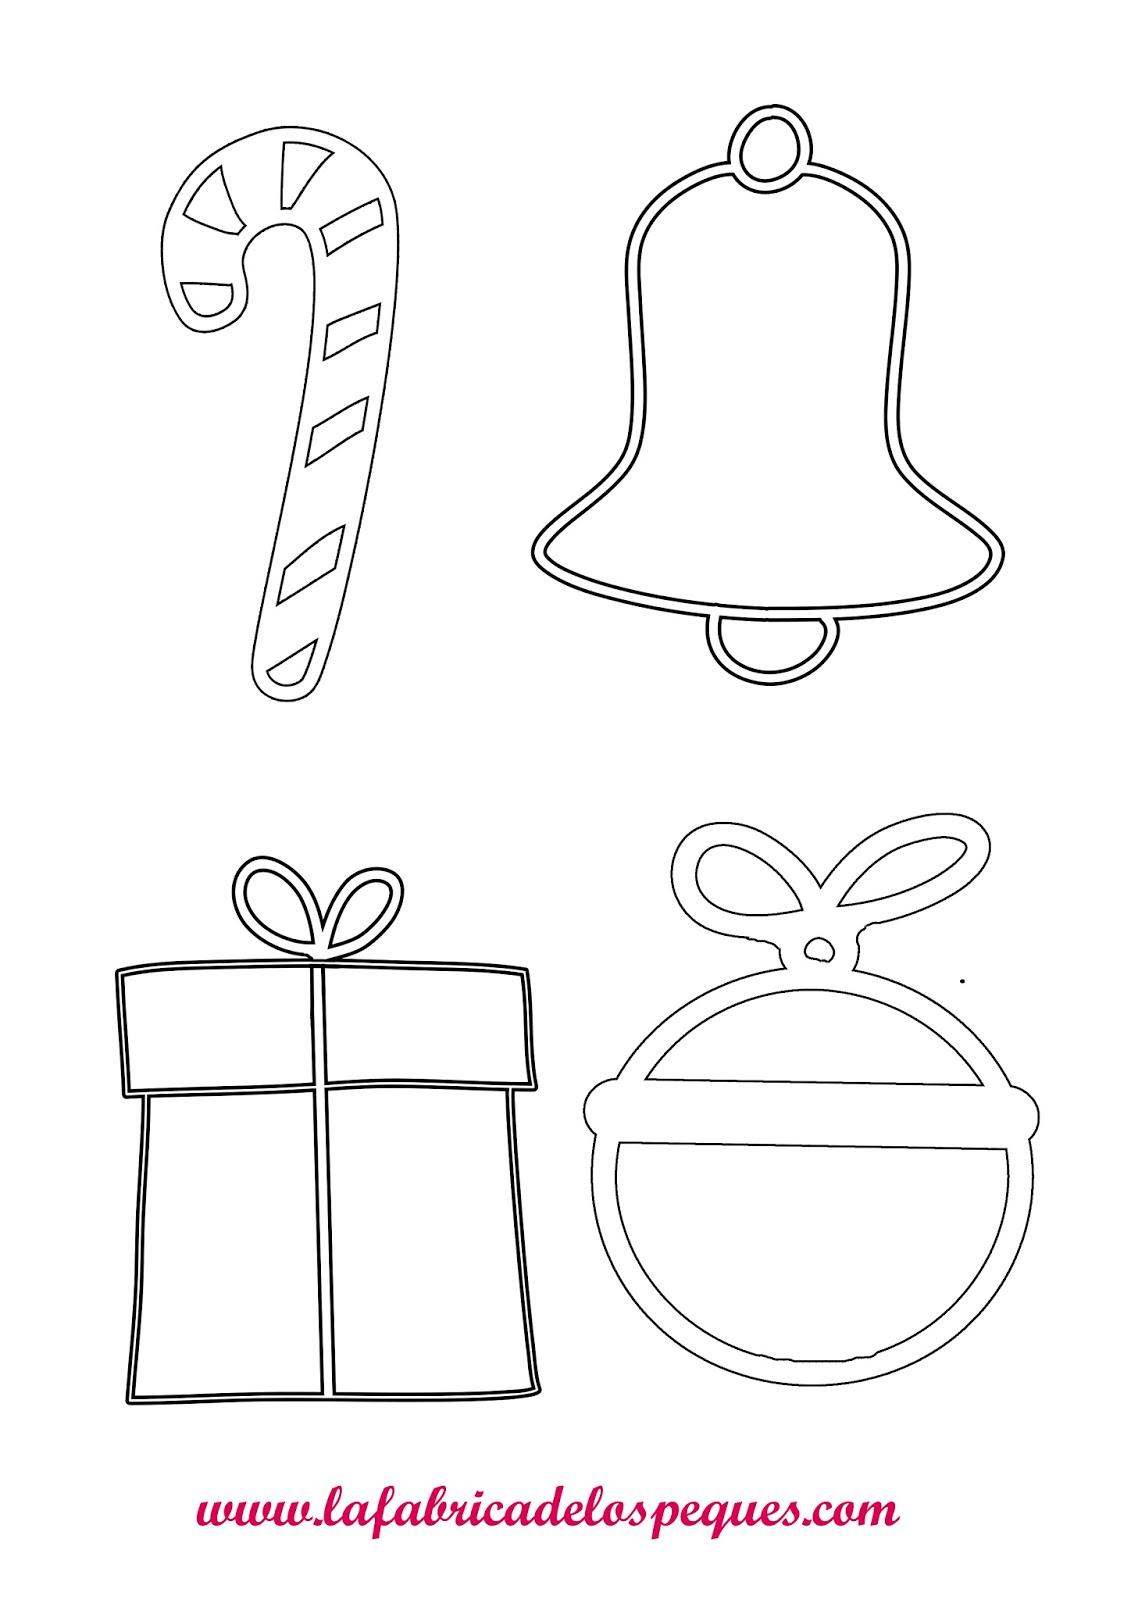 Imprimibles y plantillas de Navidad gratis: Gorros, calcetines y ...